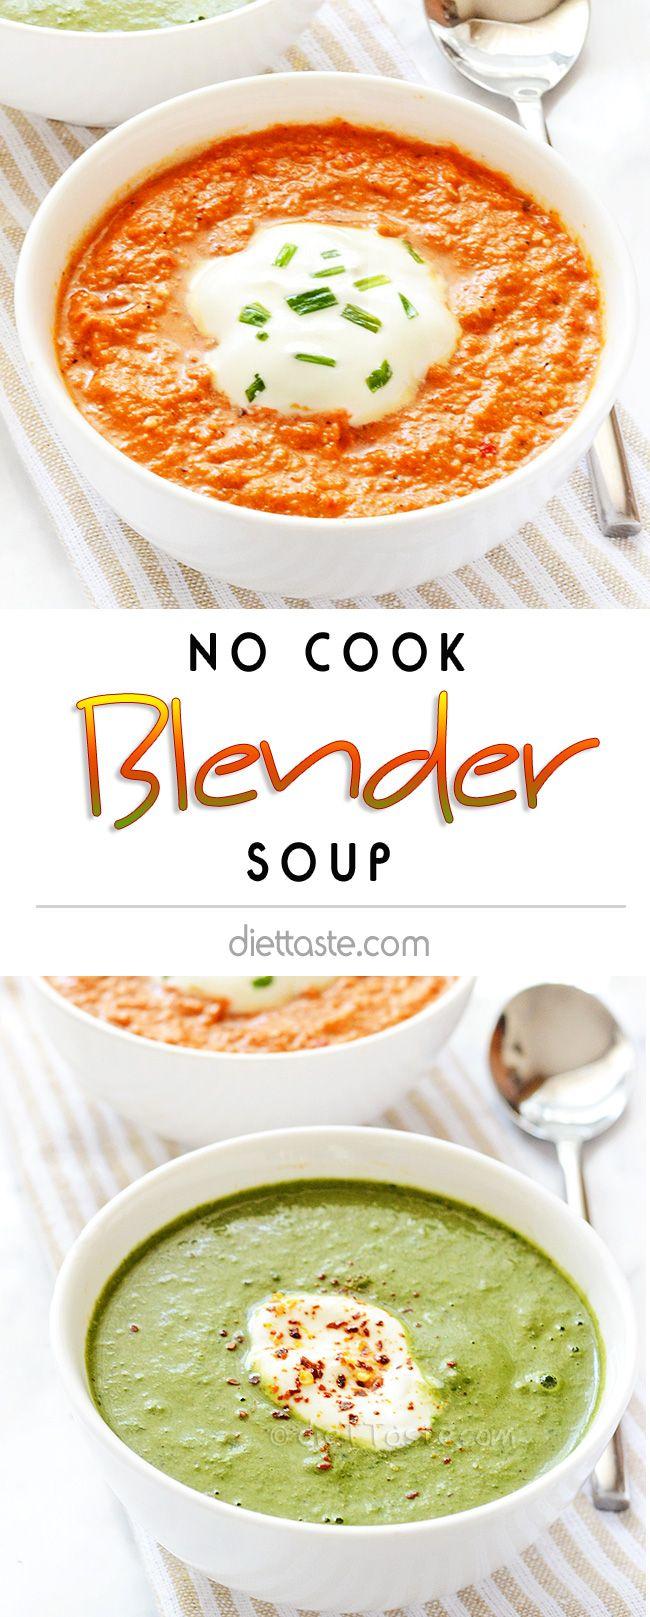 No Cook Blender Soup Recipe Blender Soup Nutribullet Recipes